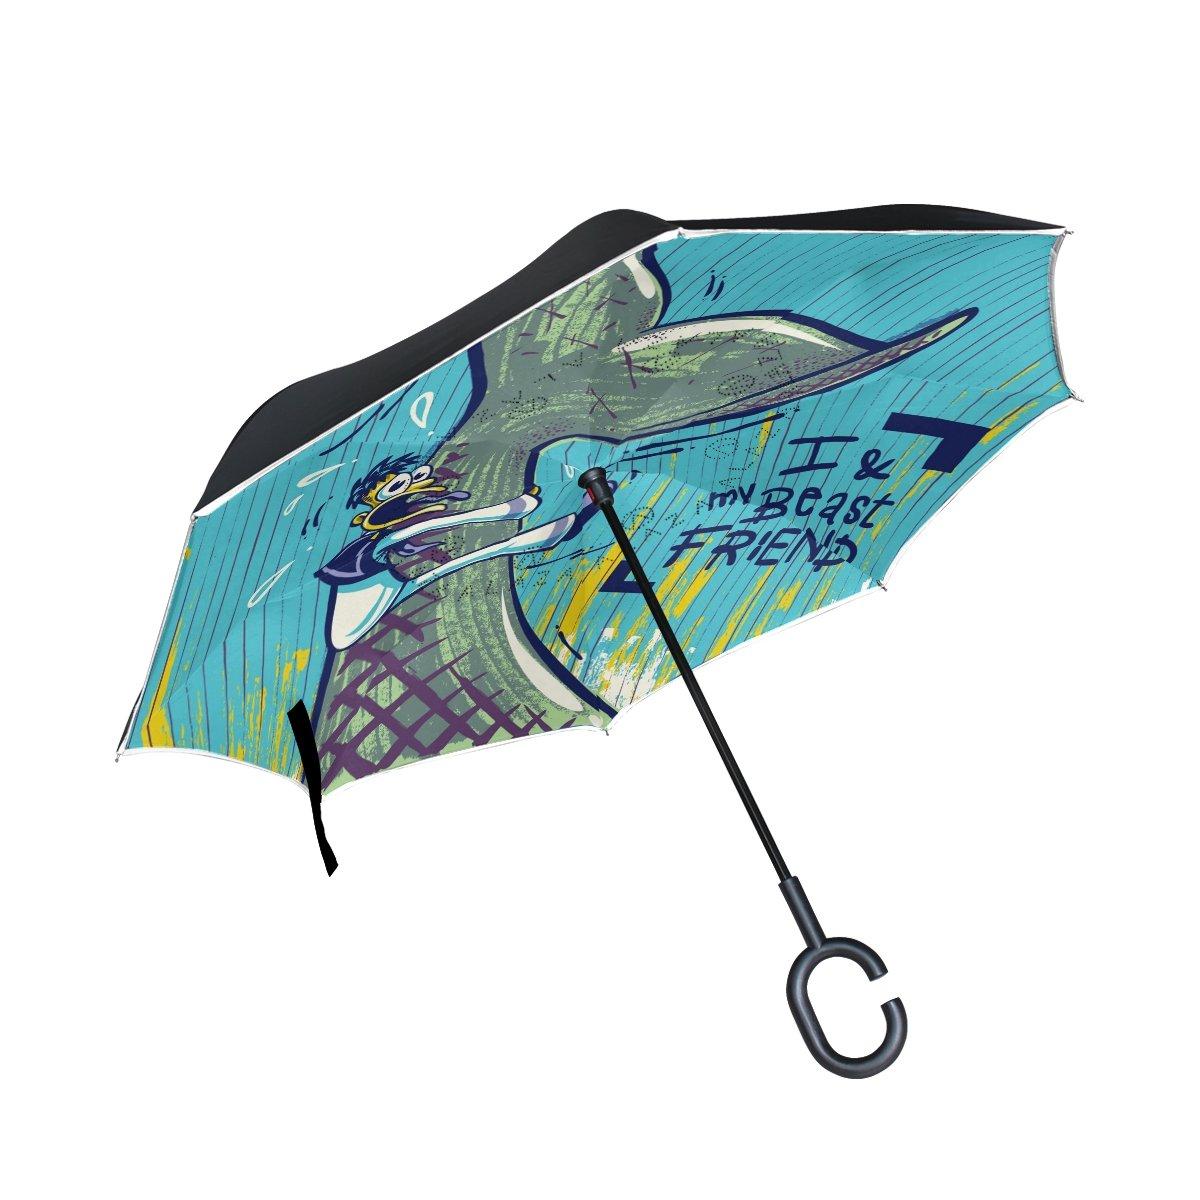 leisisi Cartoon Whale And Sailor逆傘逆二層防風UV保護逆Folding Umbrellas Inverted傘旅行の傘C型ハンドル   B07B8N8JHT